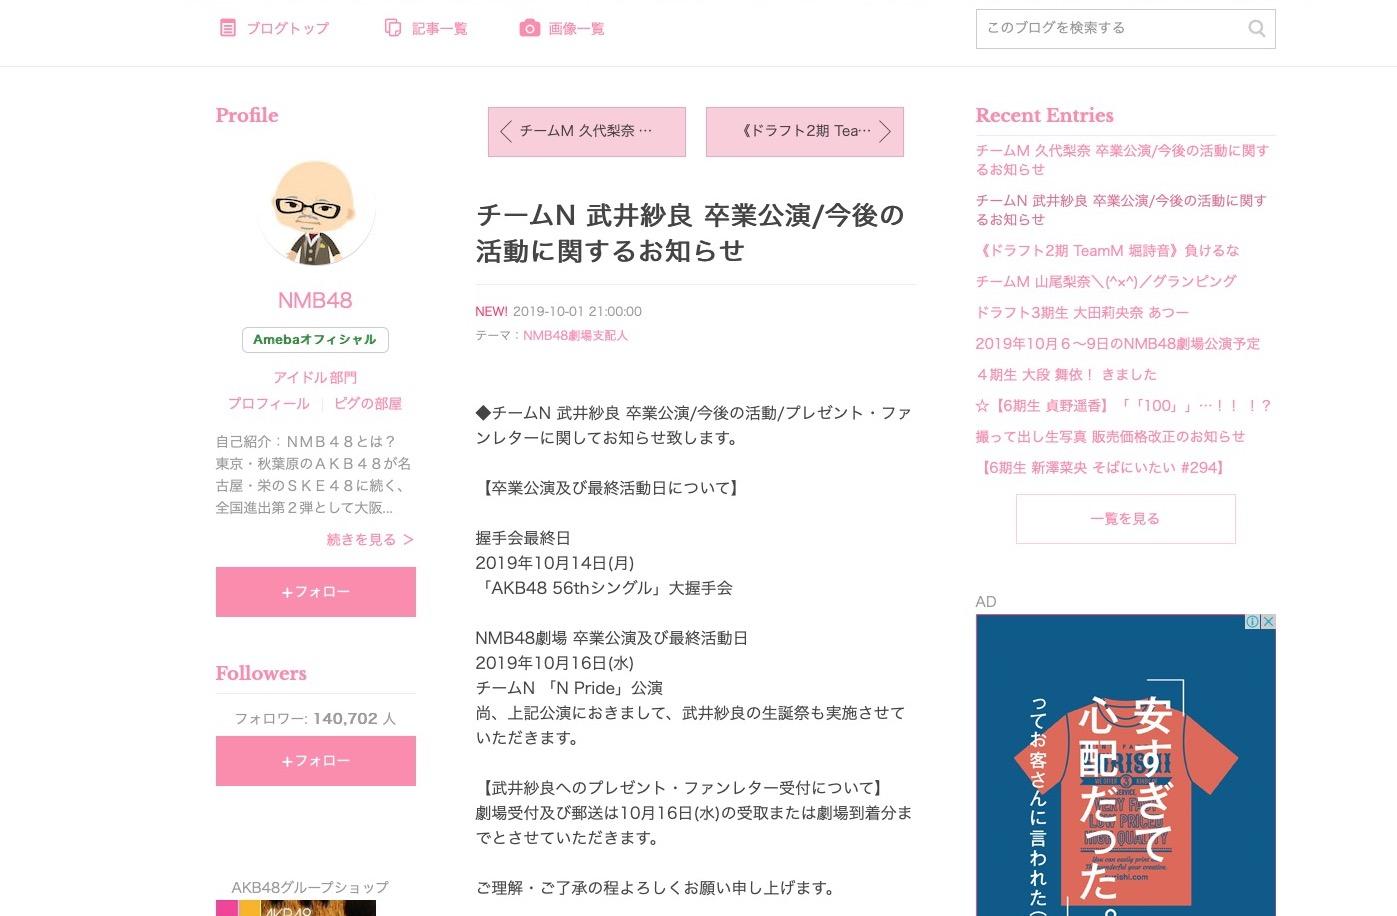 【武井紗良】さららんの最終握手会参加が10/14、最終稼働日・卒業公演が10/16と発表。